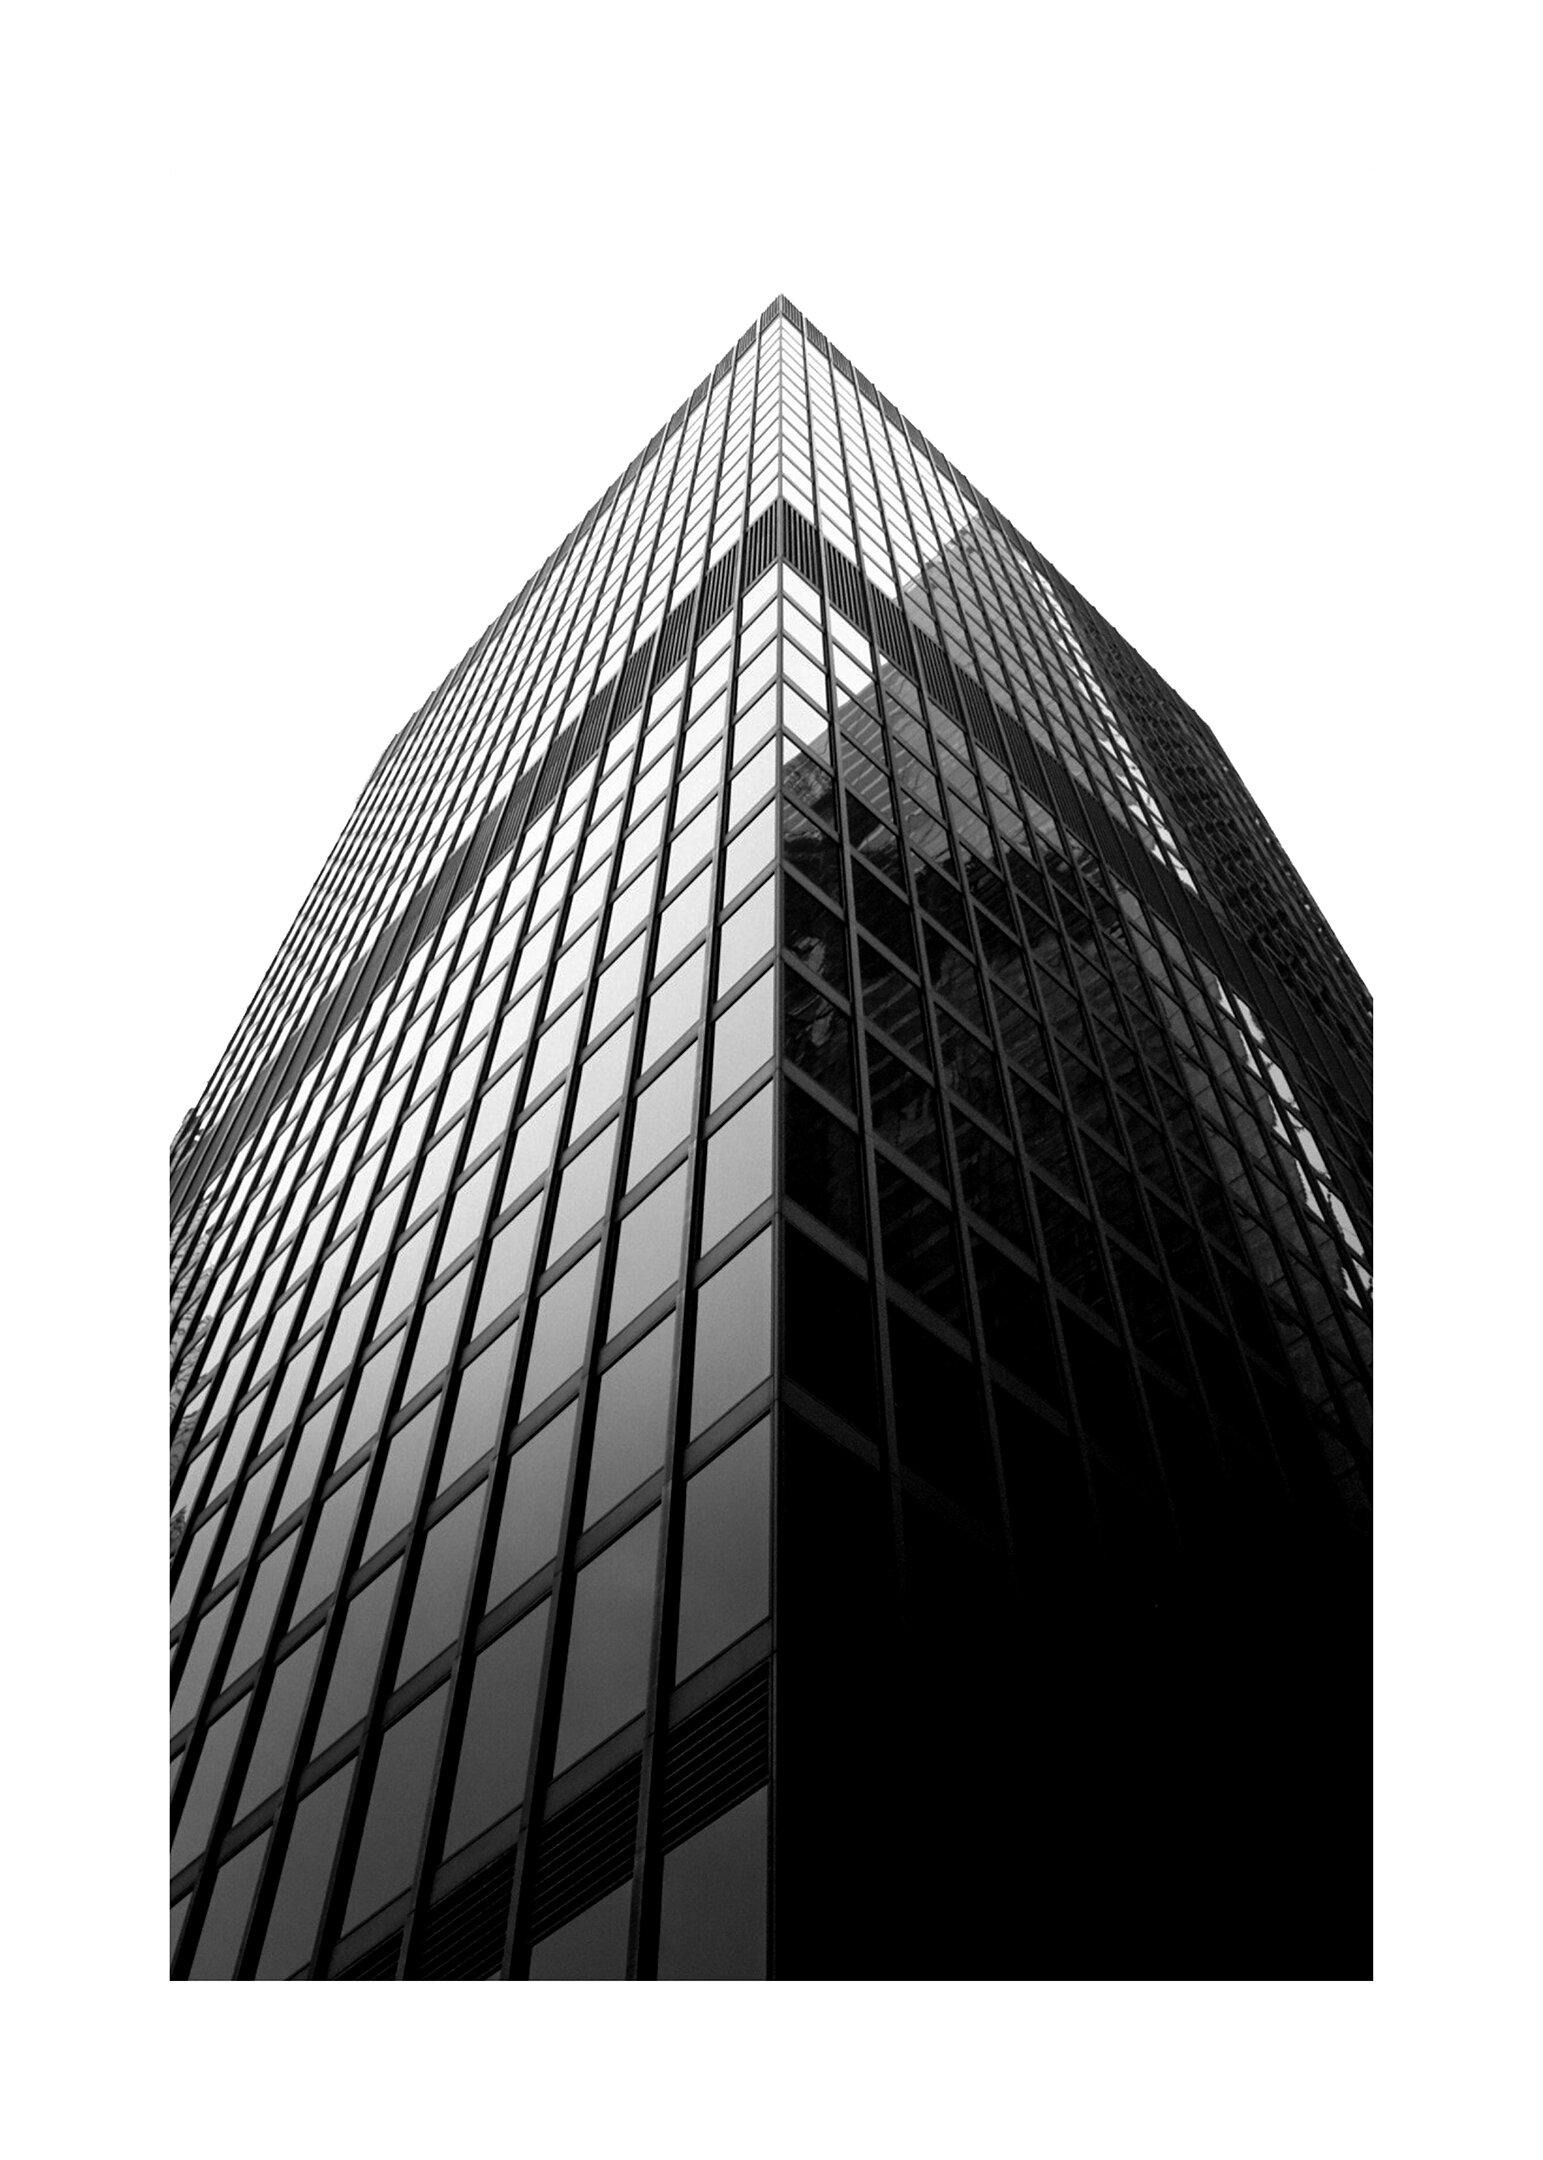 London poster i svartvitt